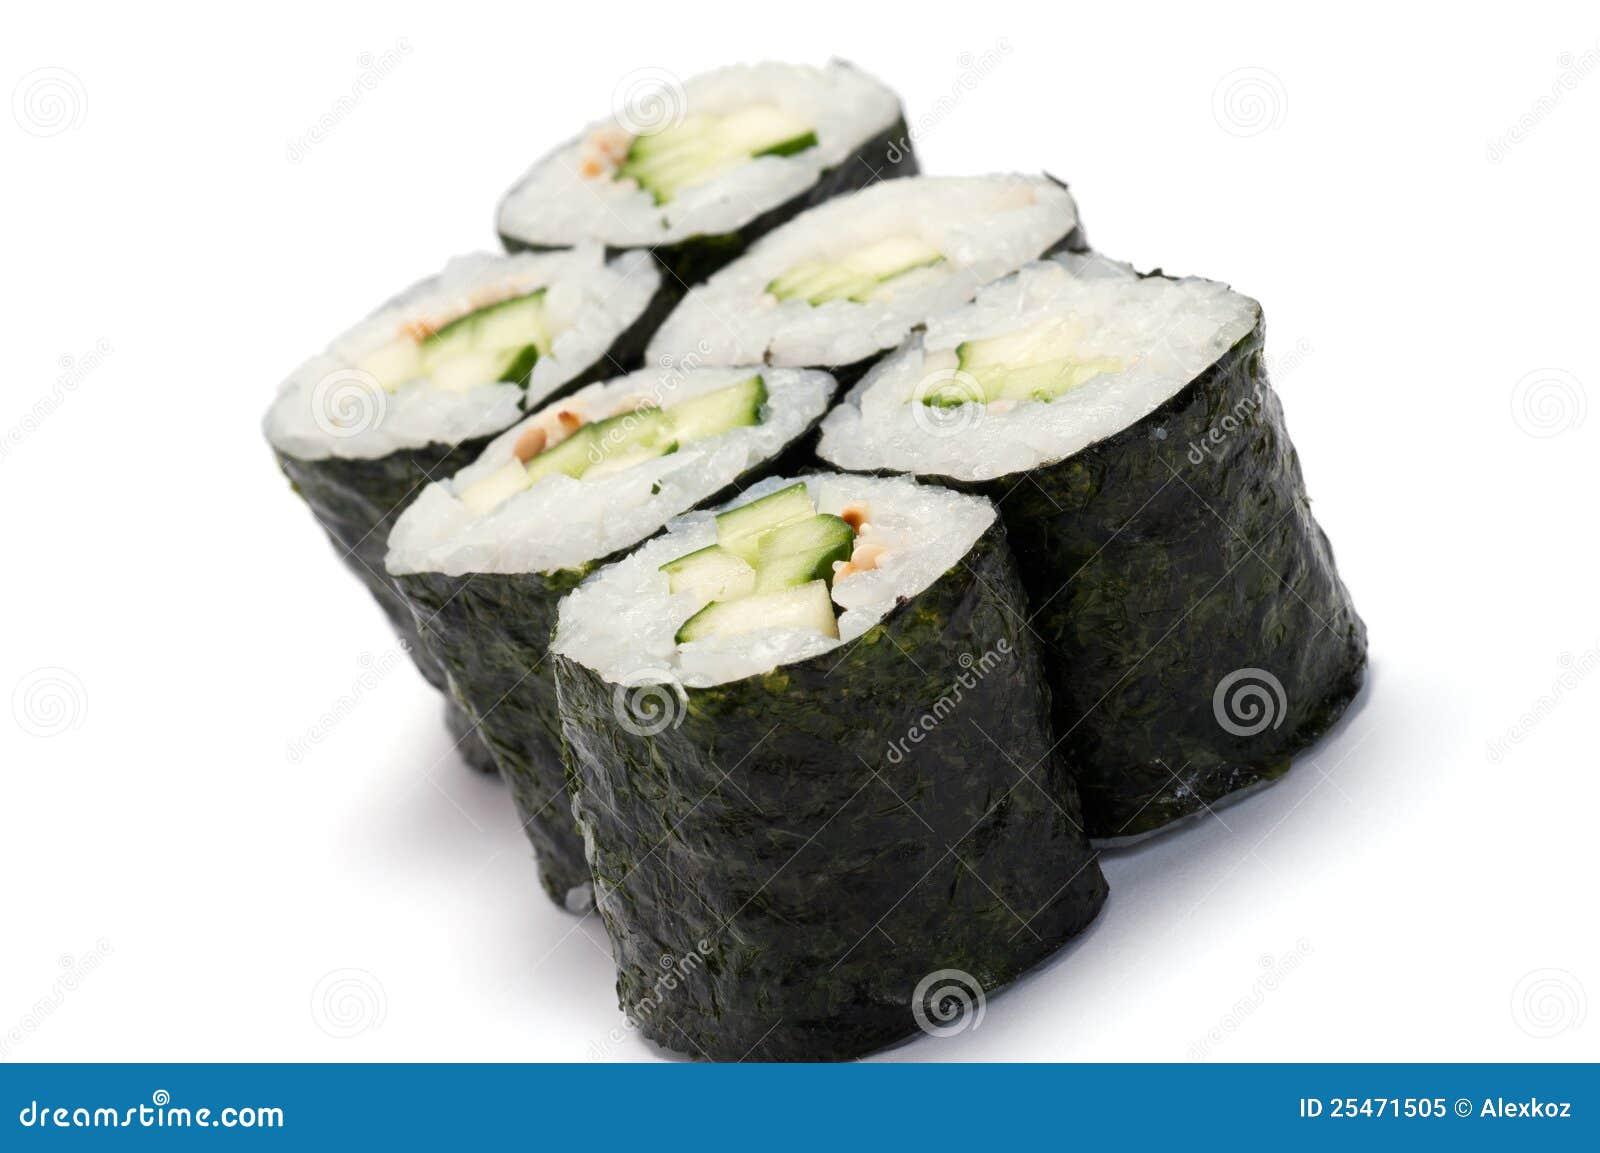 kenkäkauppa saada halvalla los angeles Kappa maki, hosomaki stock image. Image of fish, cream ...